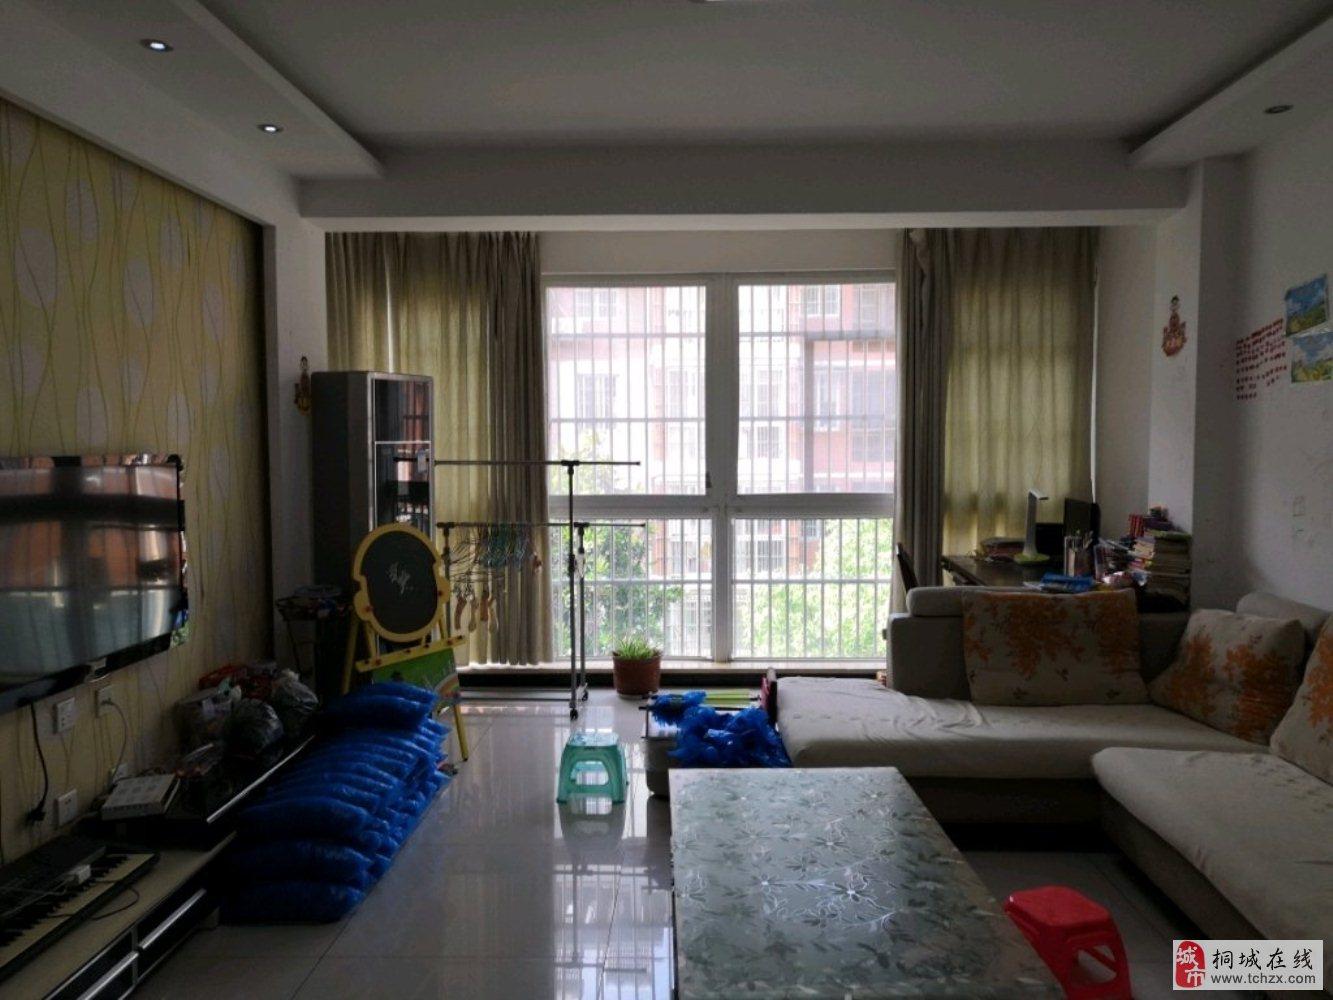 东苑新村3室2厅1卫56万元急急急